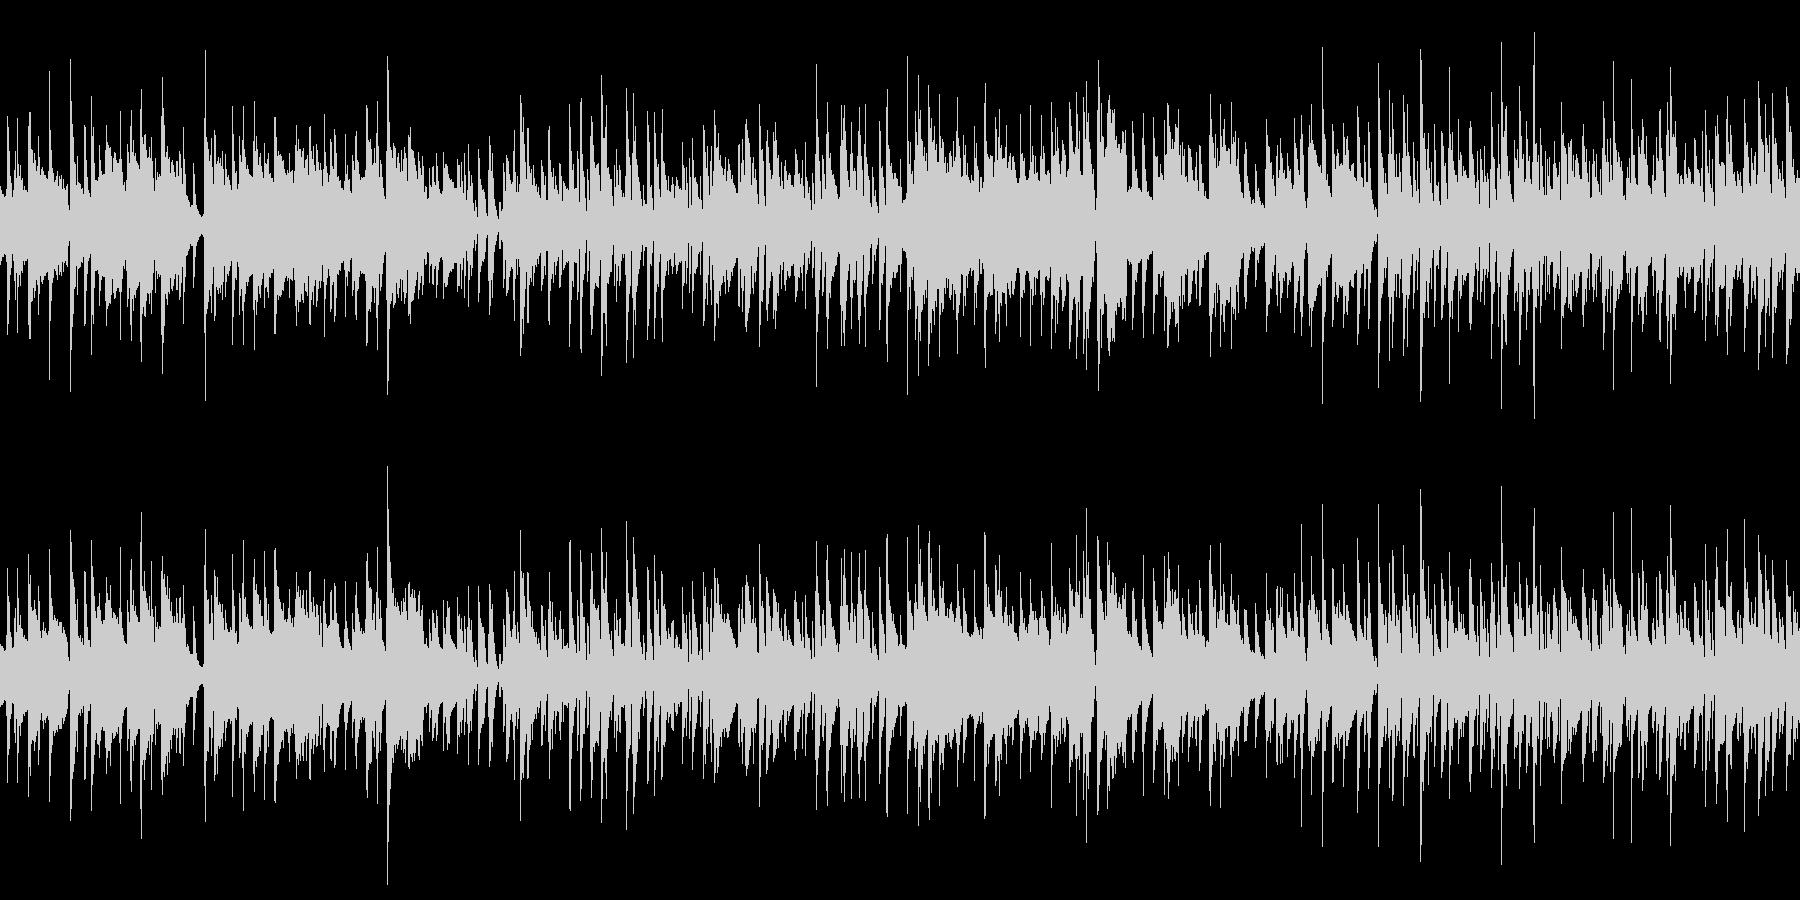 待機シーンのBGM (ループ仕様)の未再生の波形